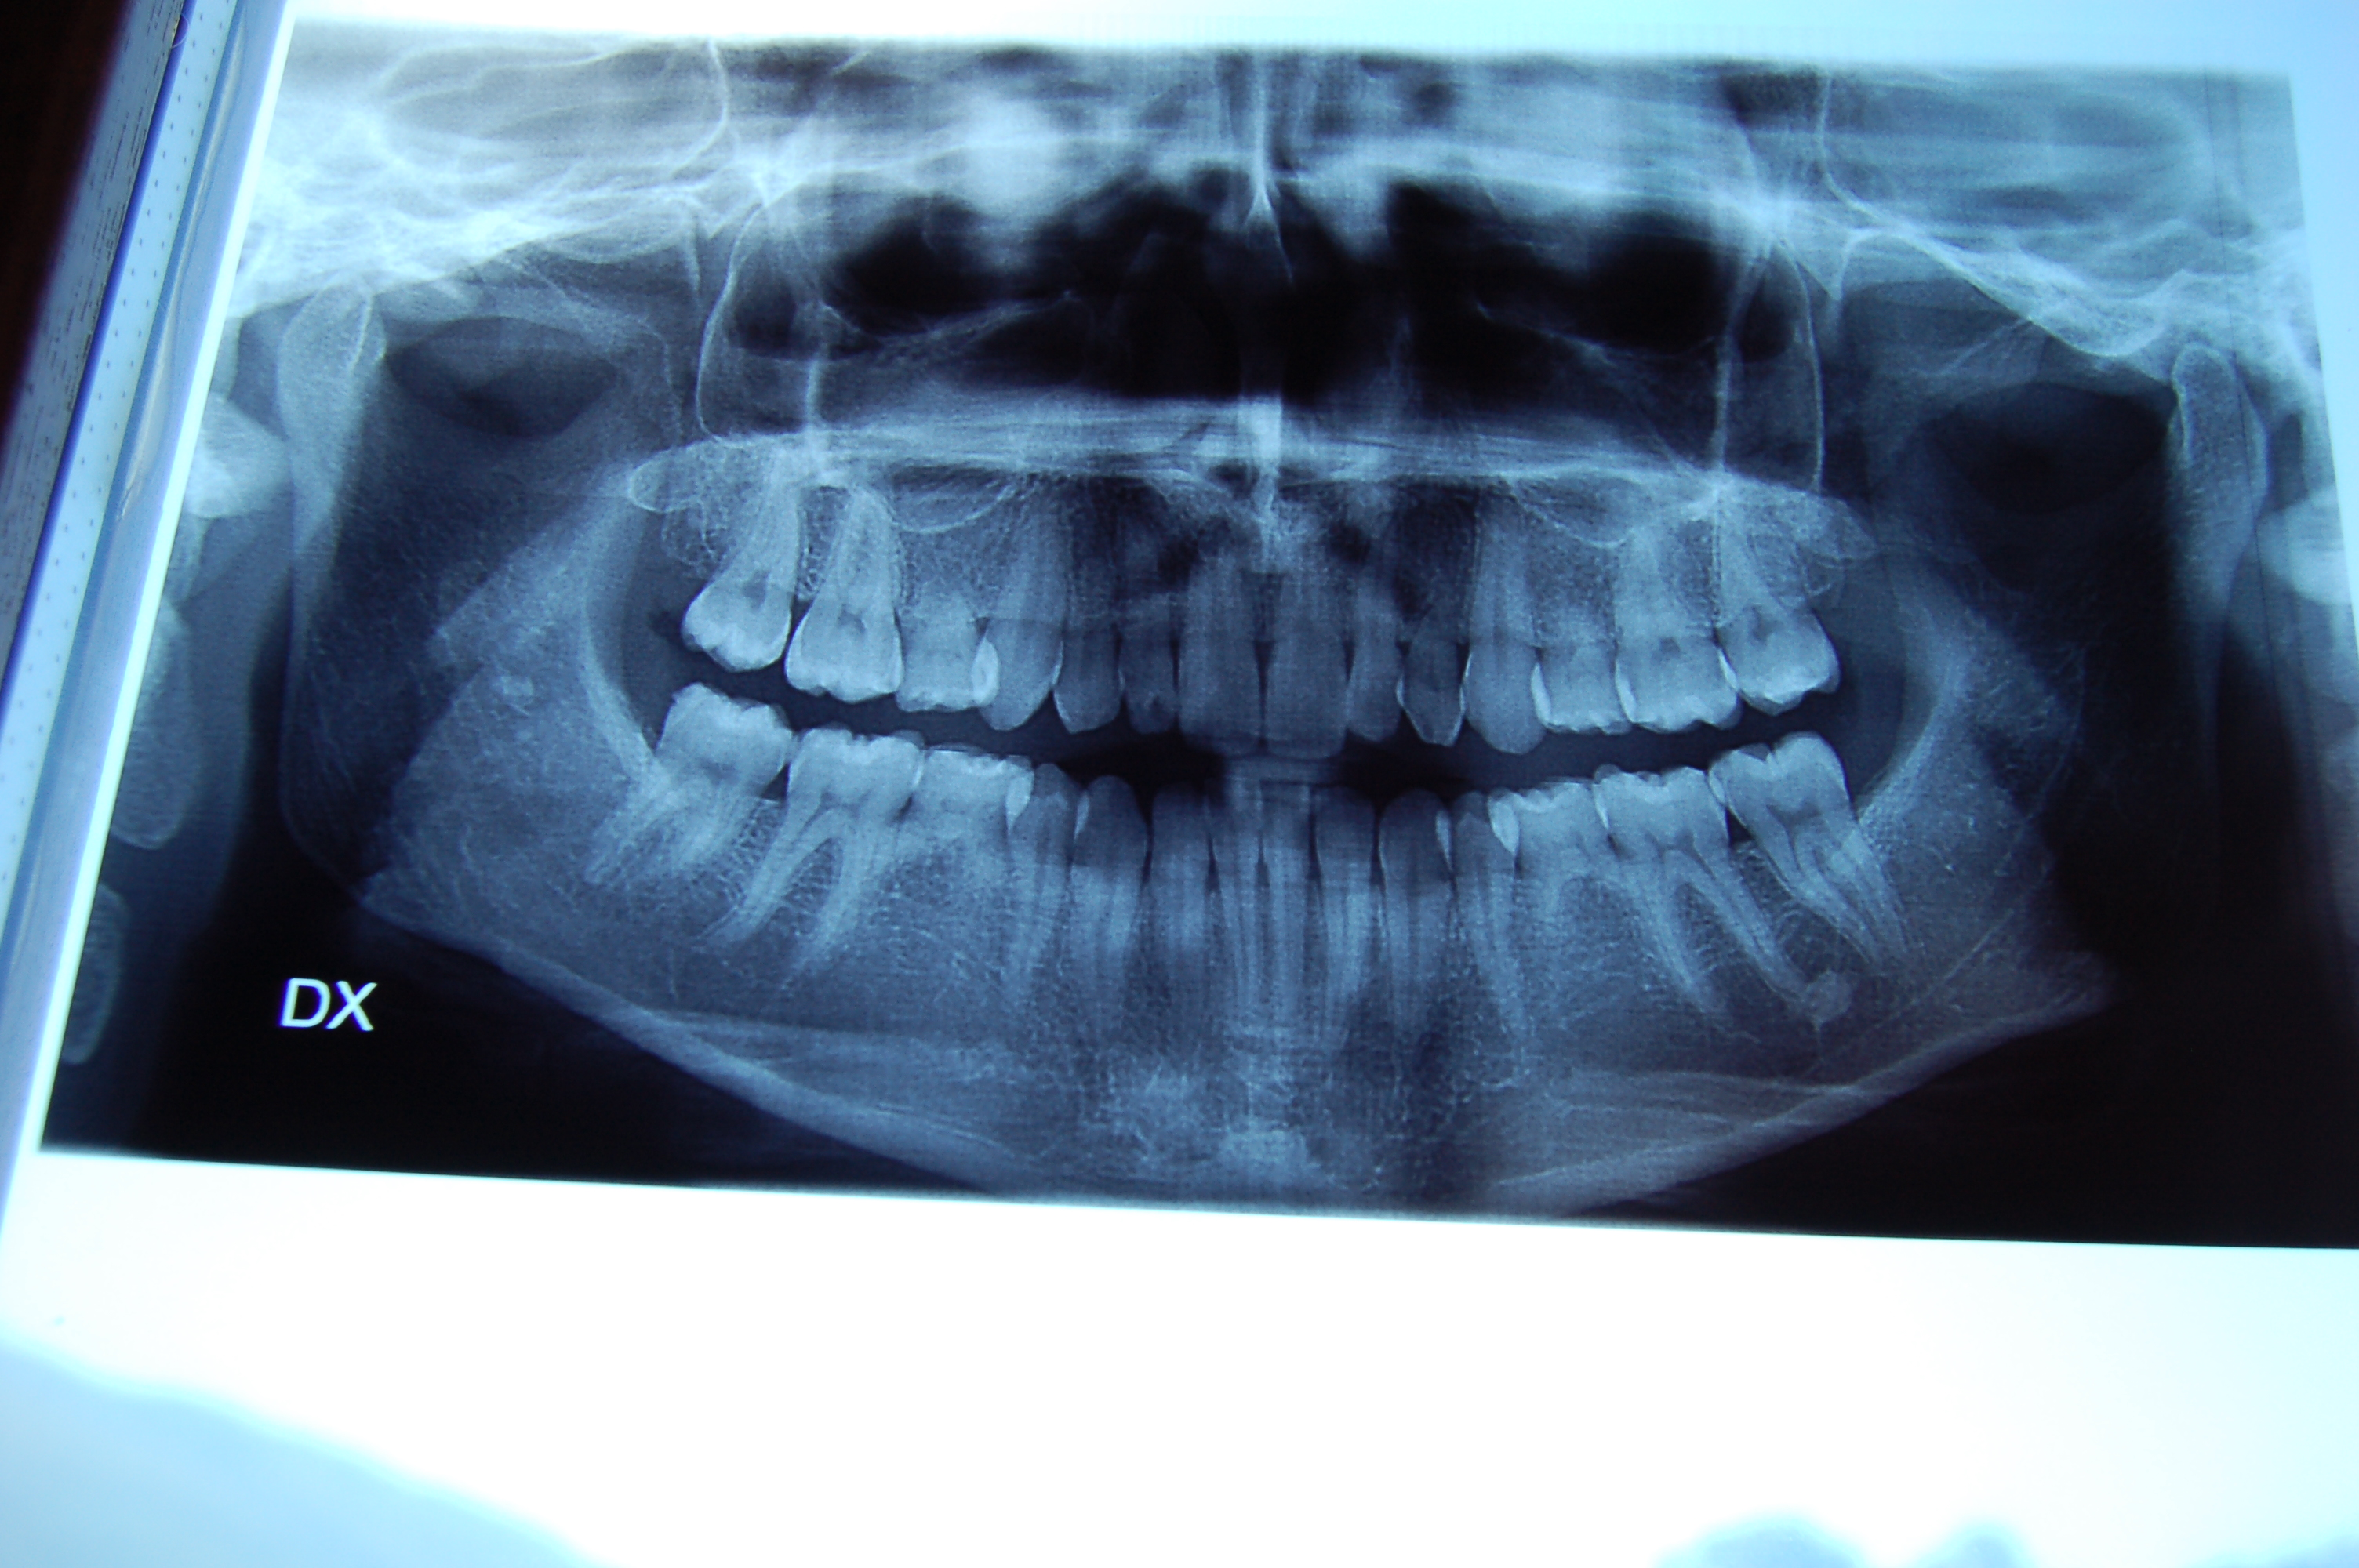 SEGUITO ALLA DOMANDA: Ho un'agenesia dentale